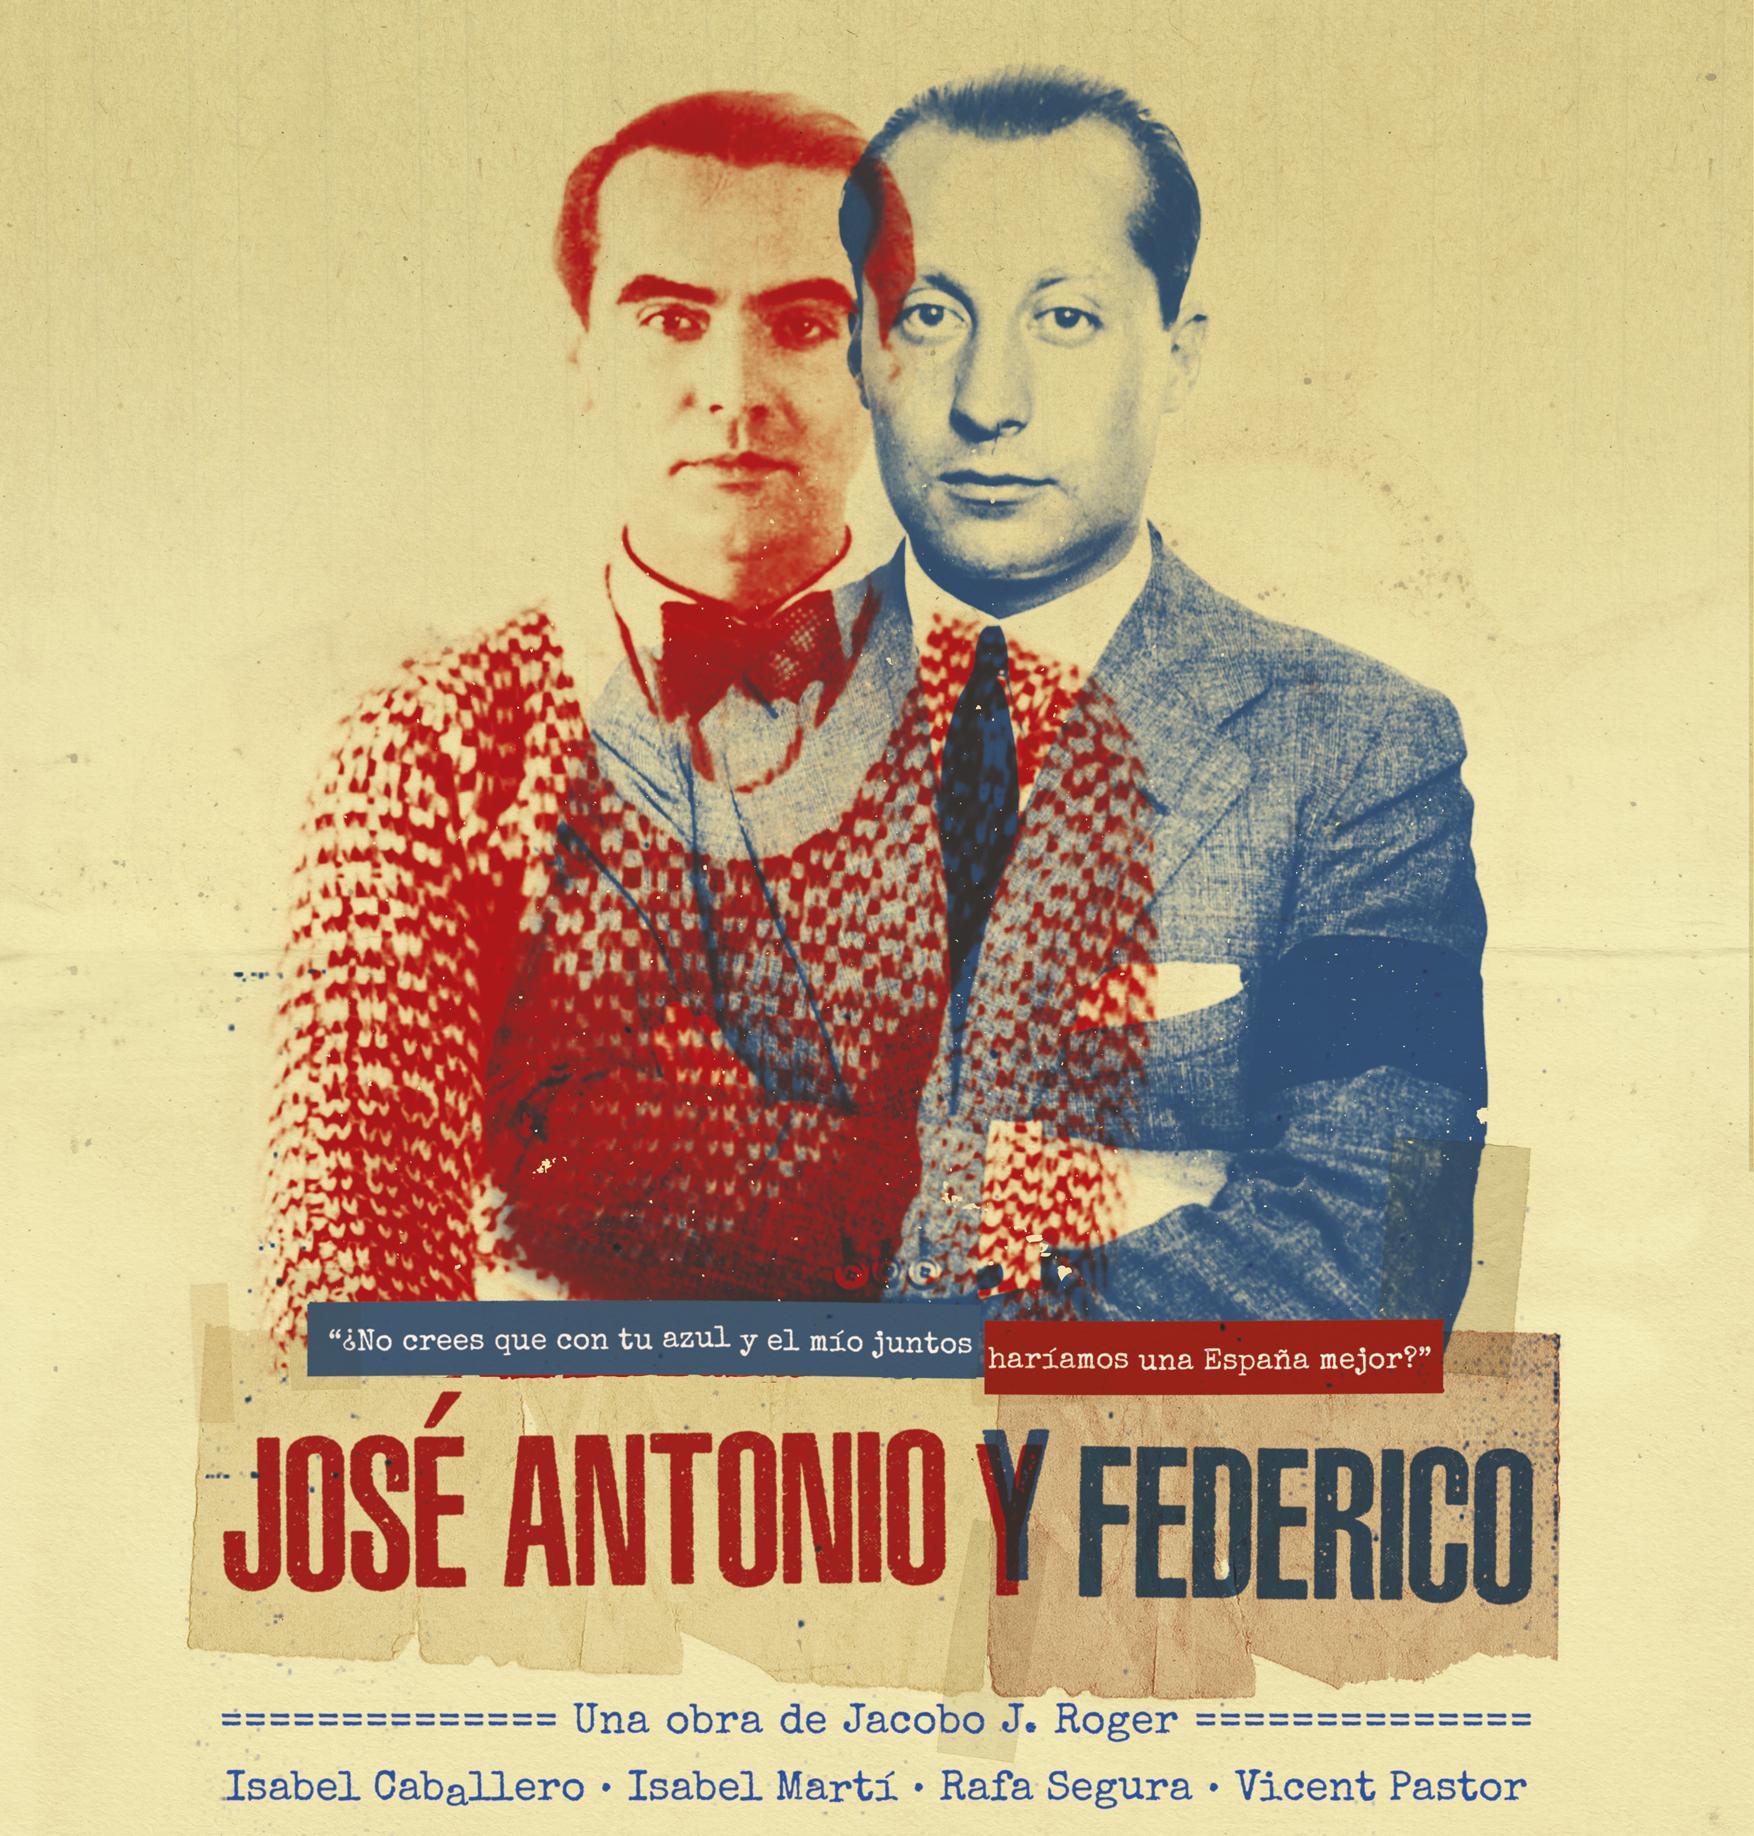 JOSÉ ANTONIO Y FEDERICO